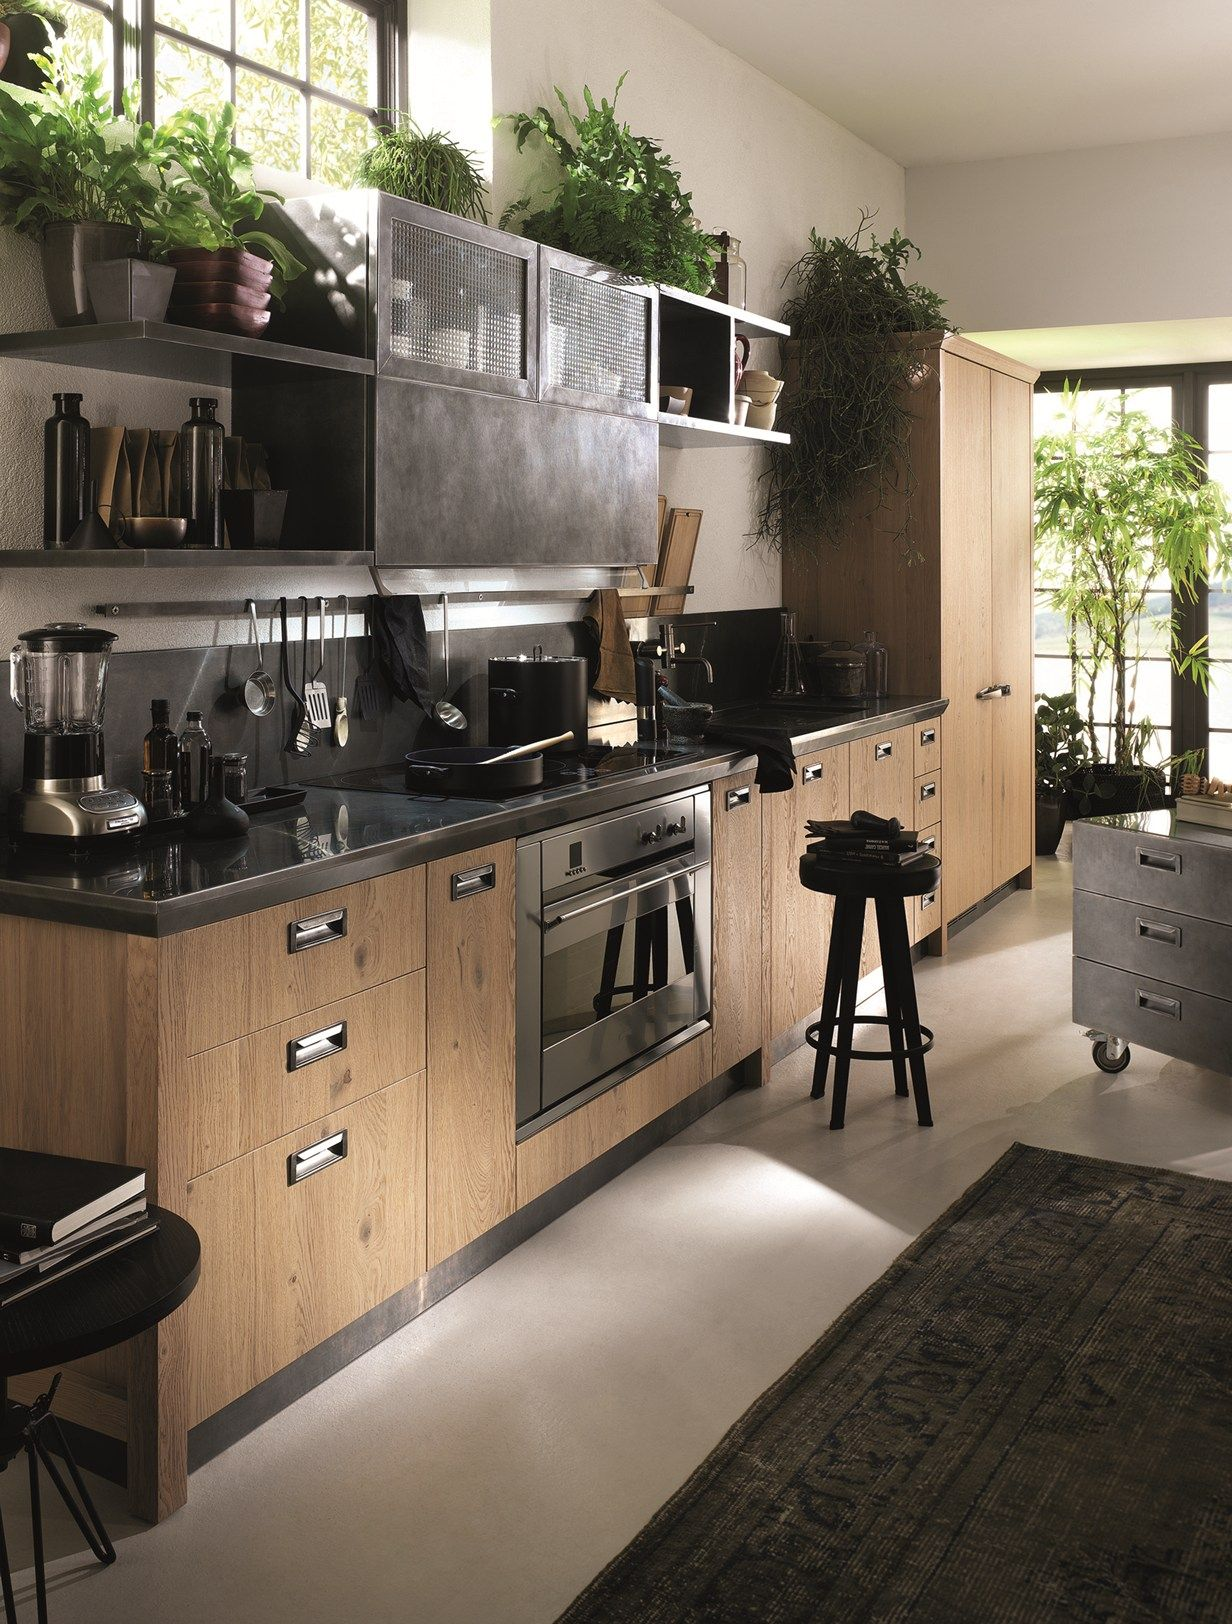 industrial contemporary kitchensnadeiro | industrial kitchen